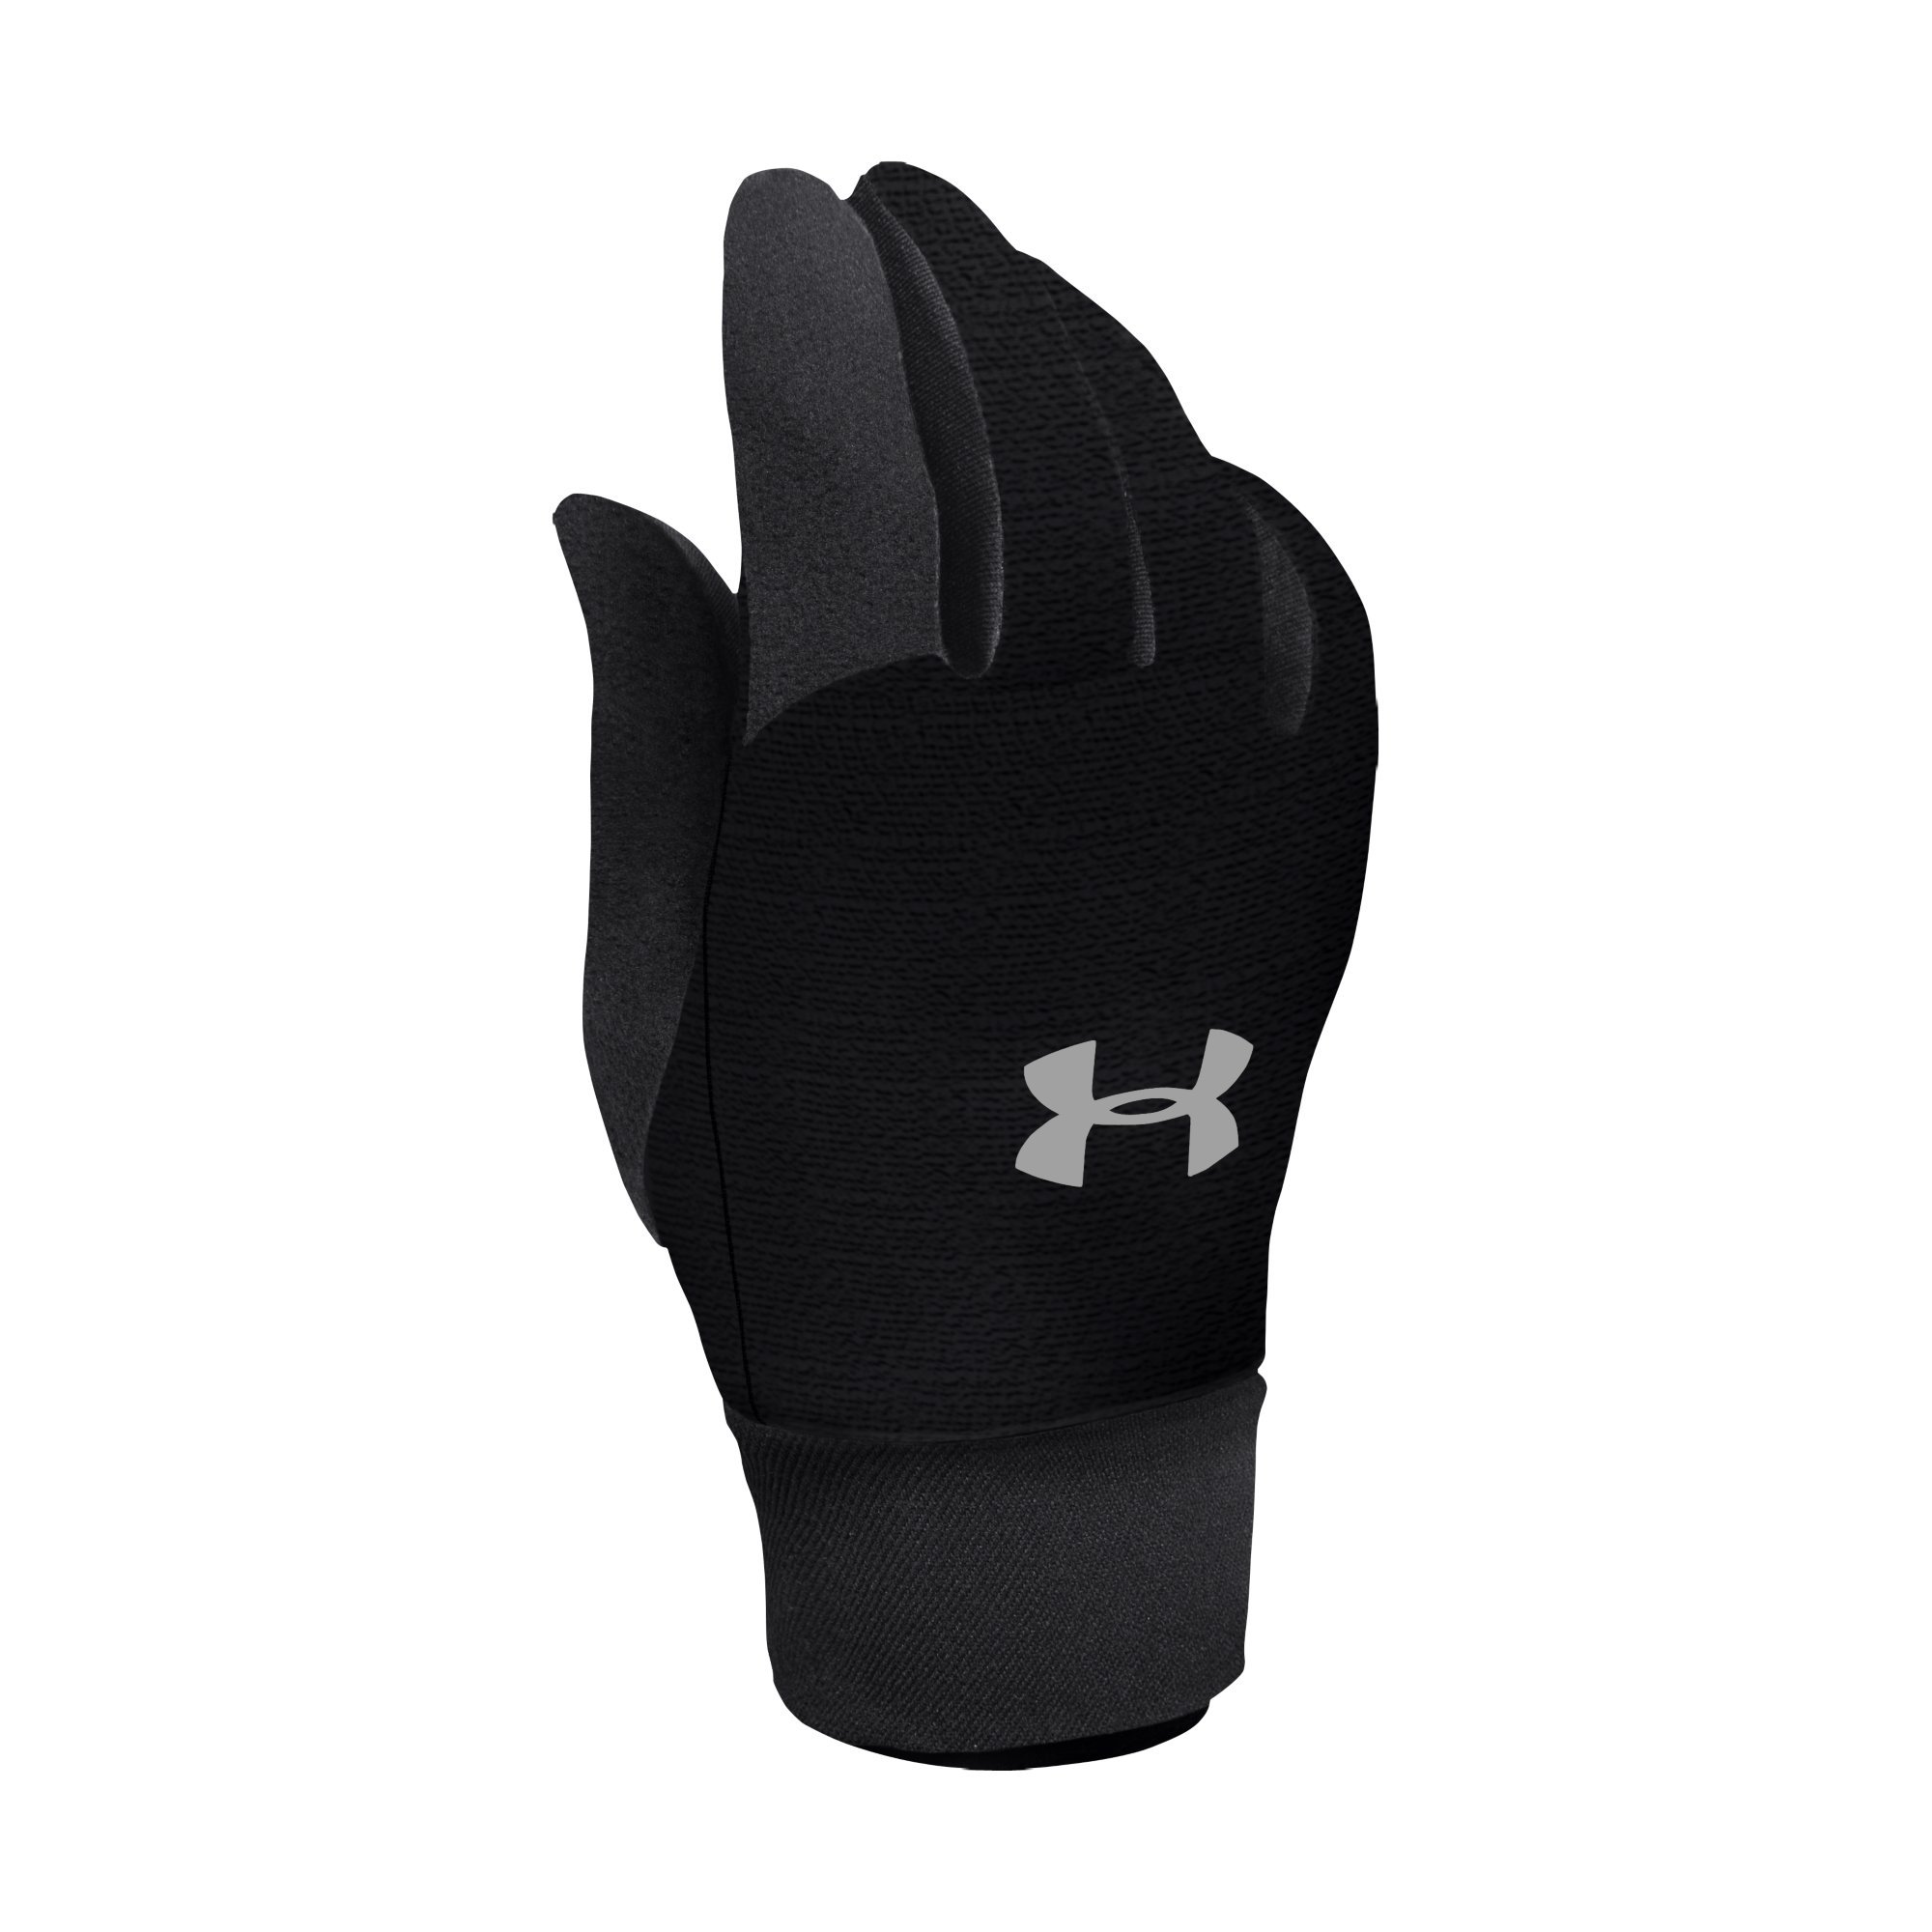 Under armour leather work gloves - Warm Working Gloves